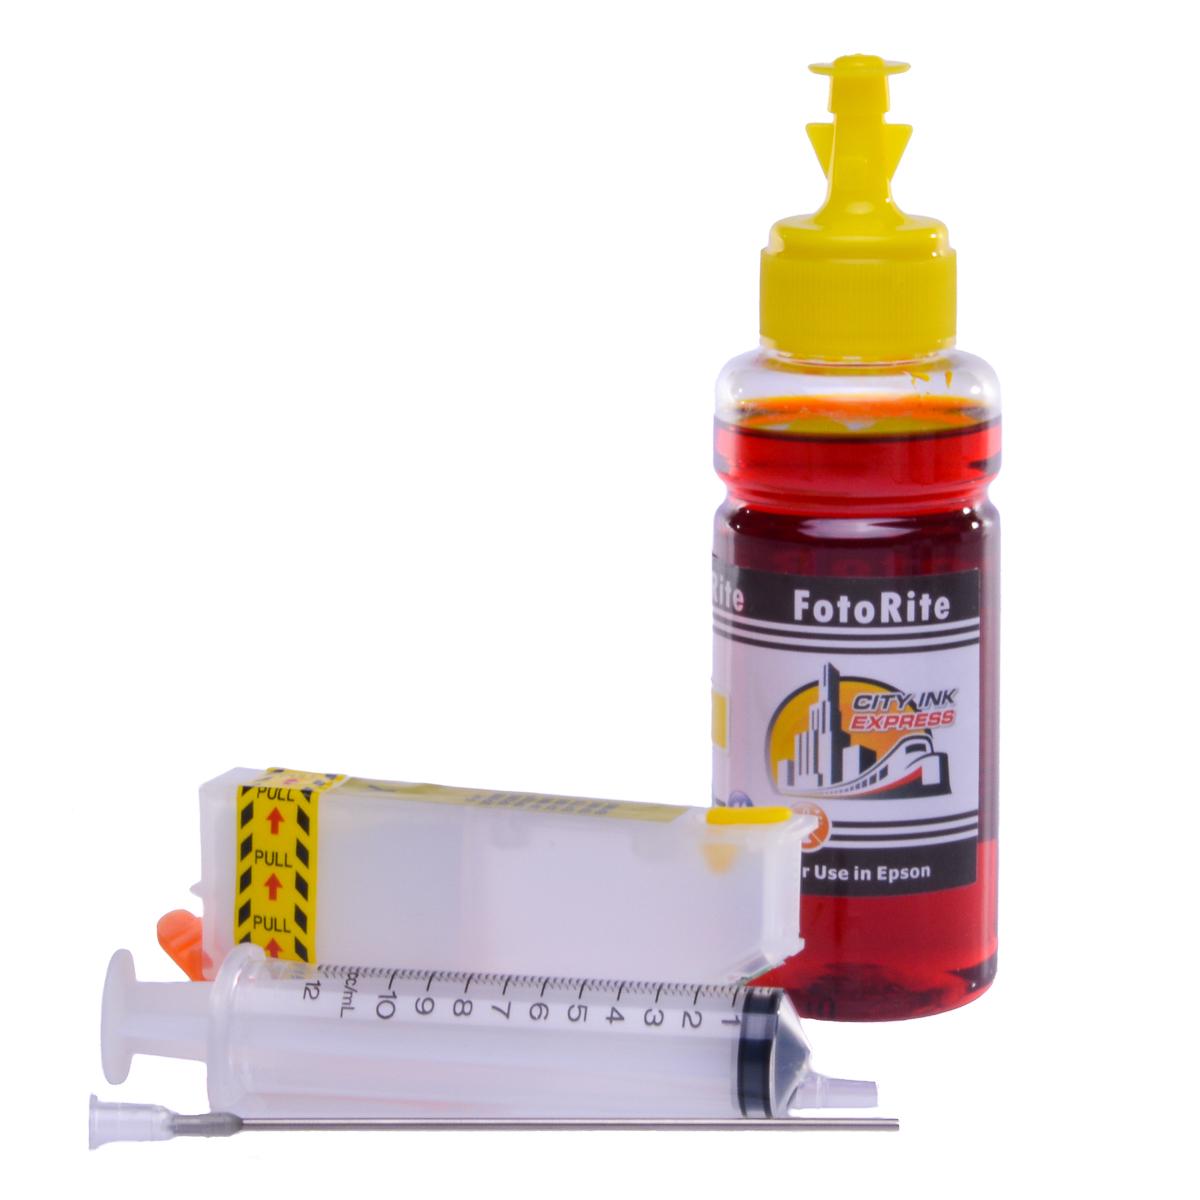 Refillable T2434,T2424 Yellow Cheap printer cartridges for Epson XP-750 C13T24344010 dye ink